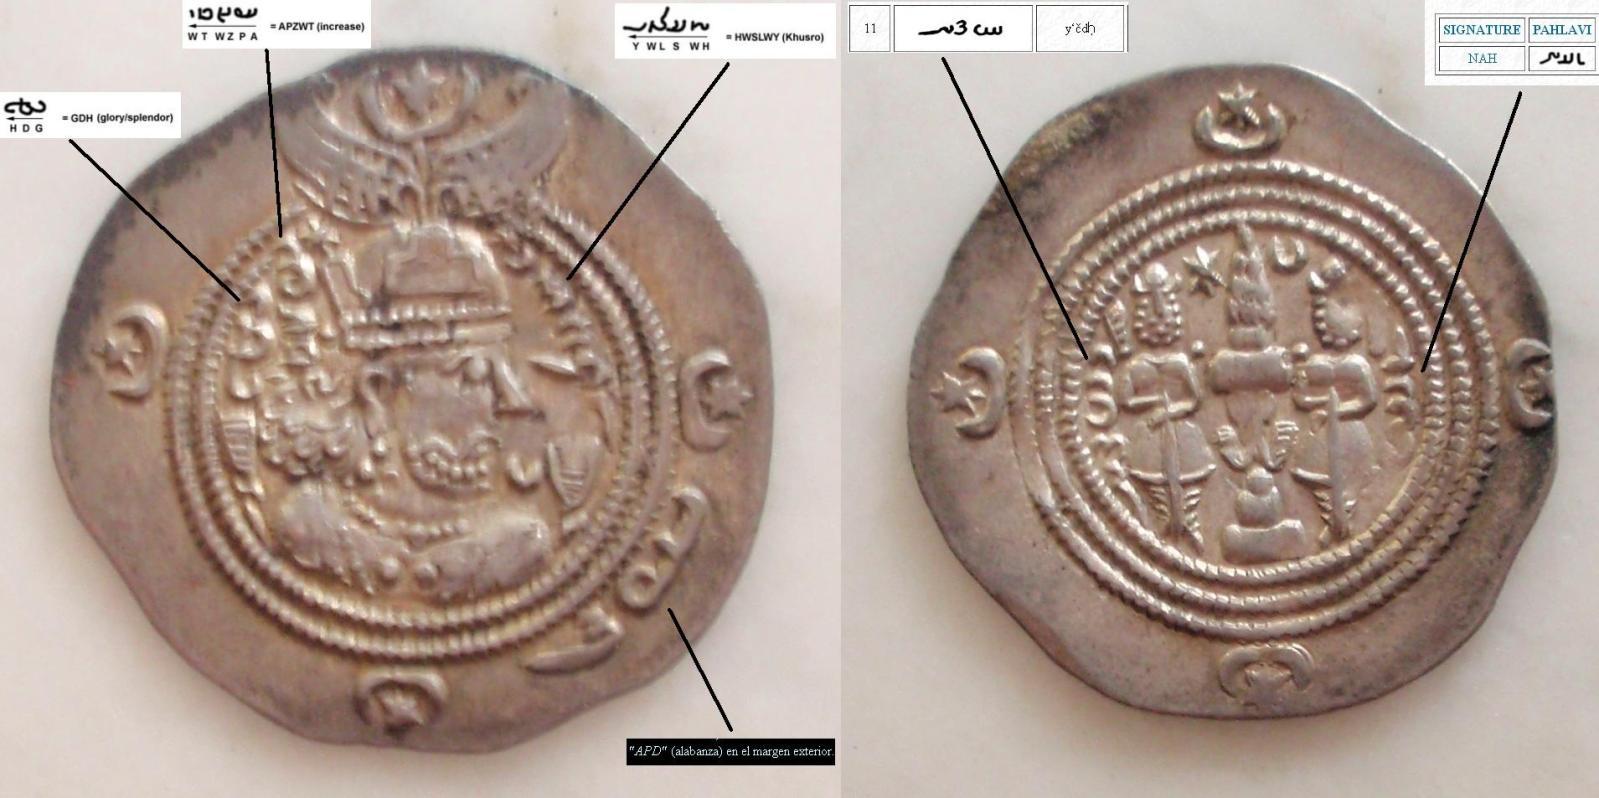 Denominación, cecas y años en las monedas sasanidas 33n9bx0